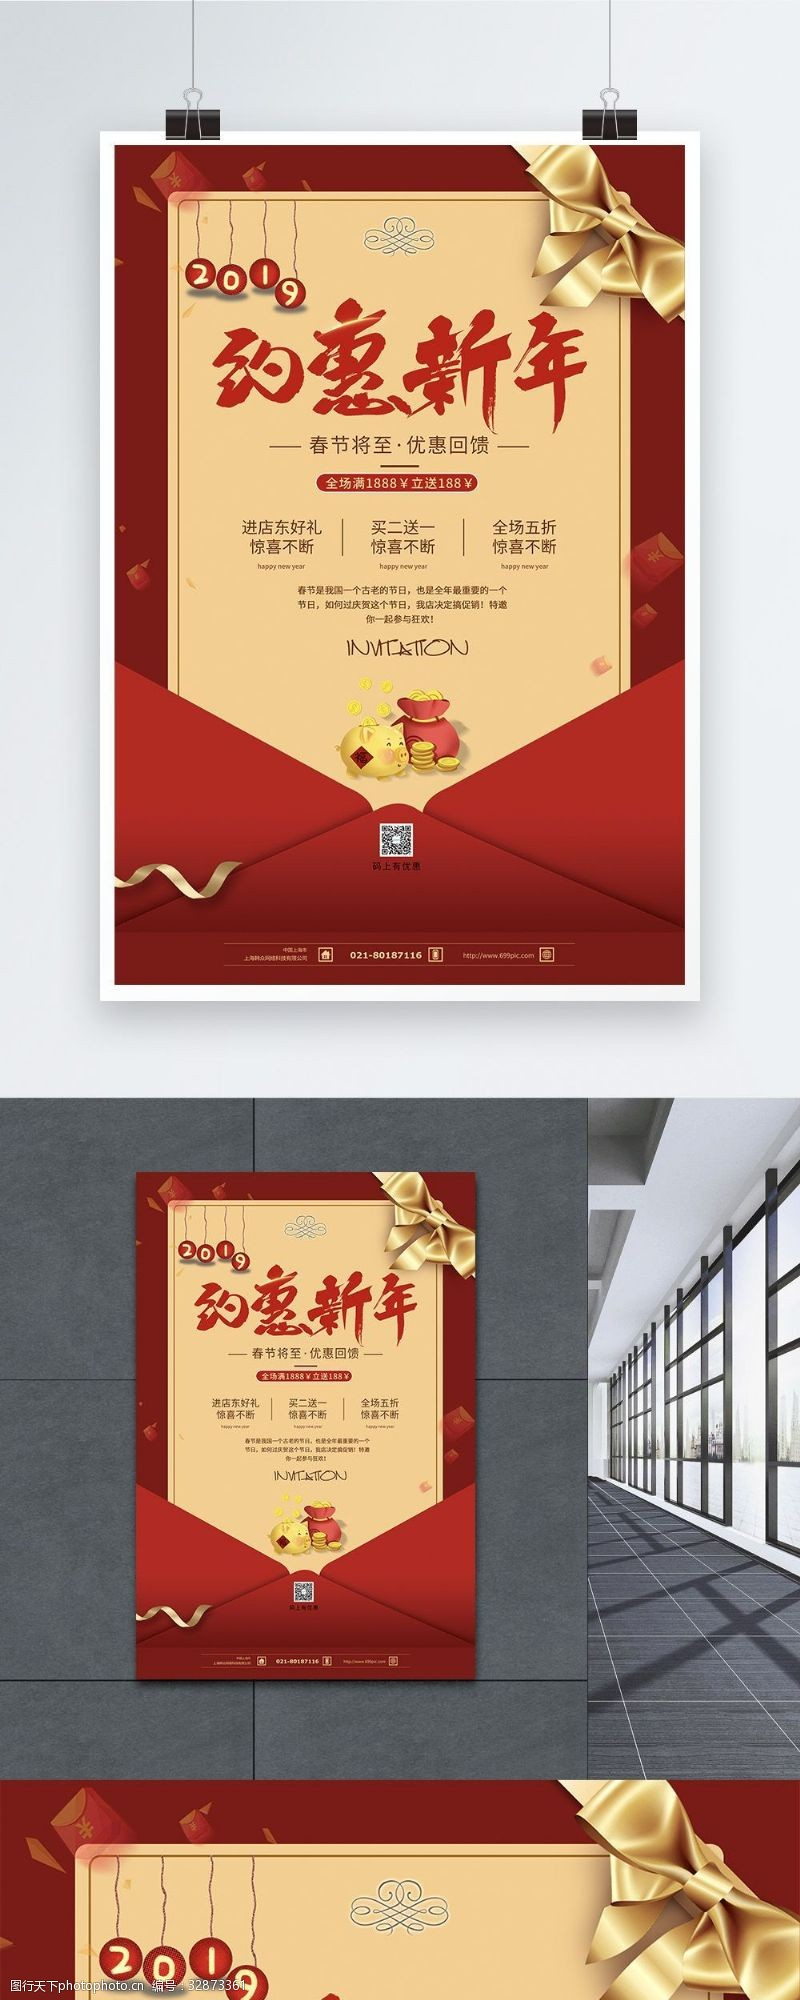 約惠新年促銷海報